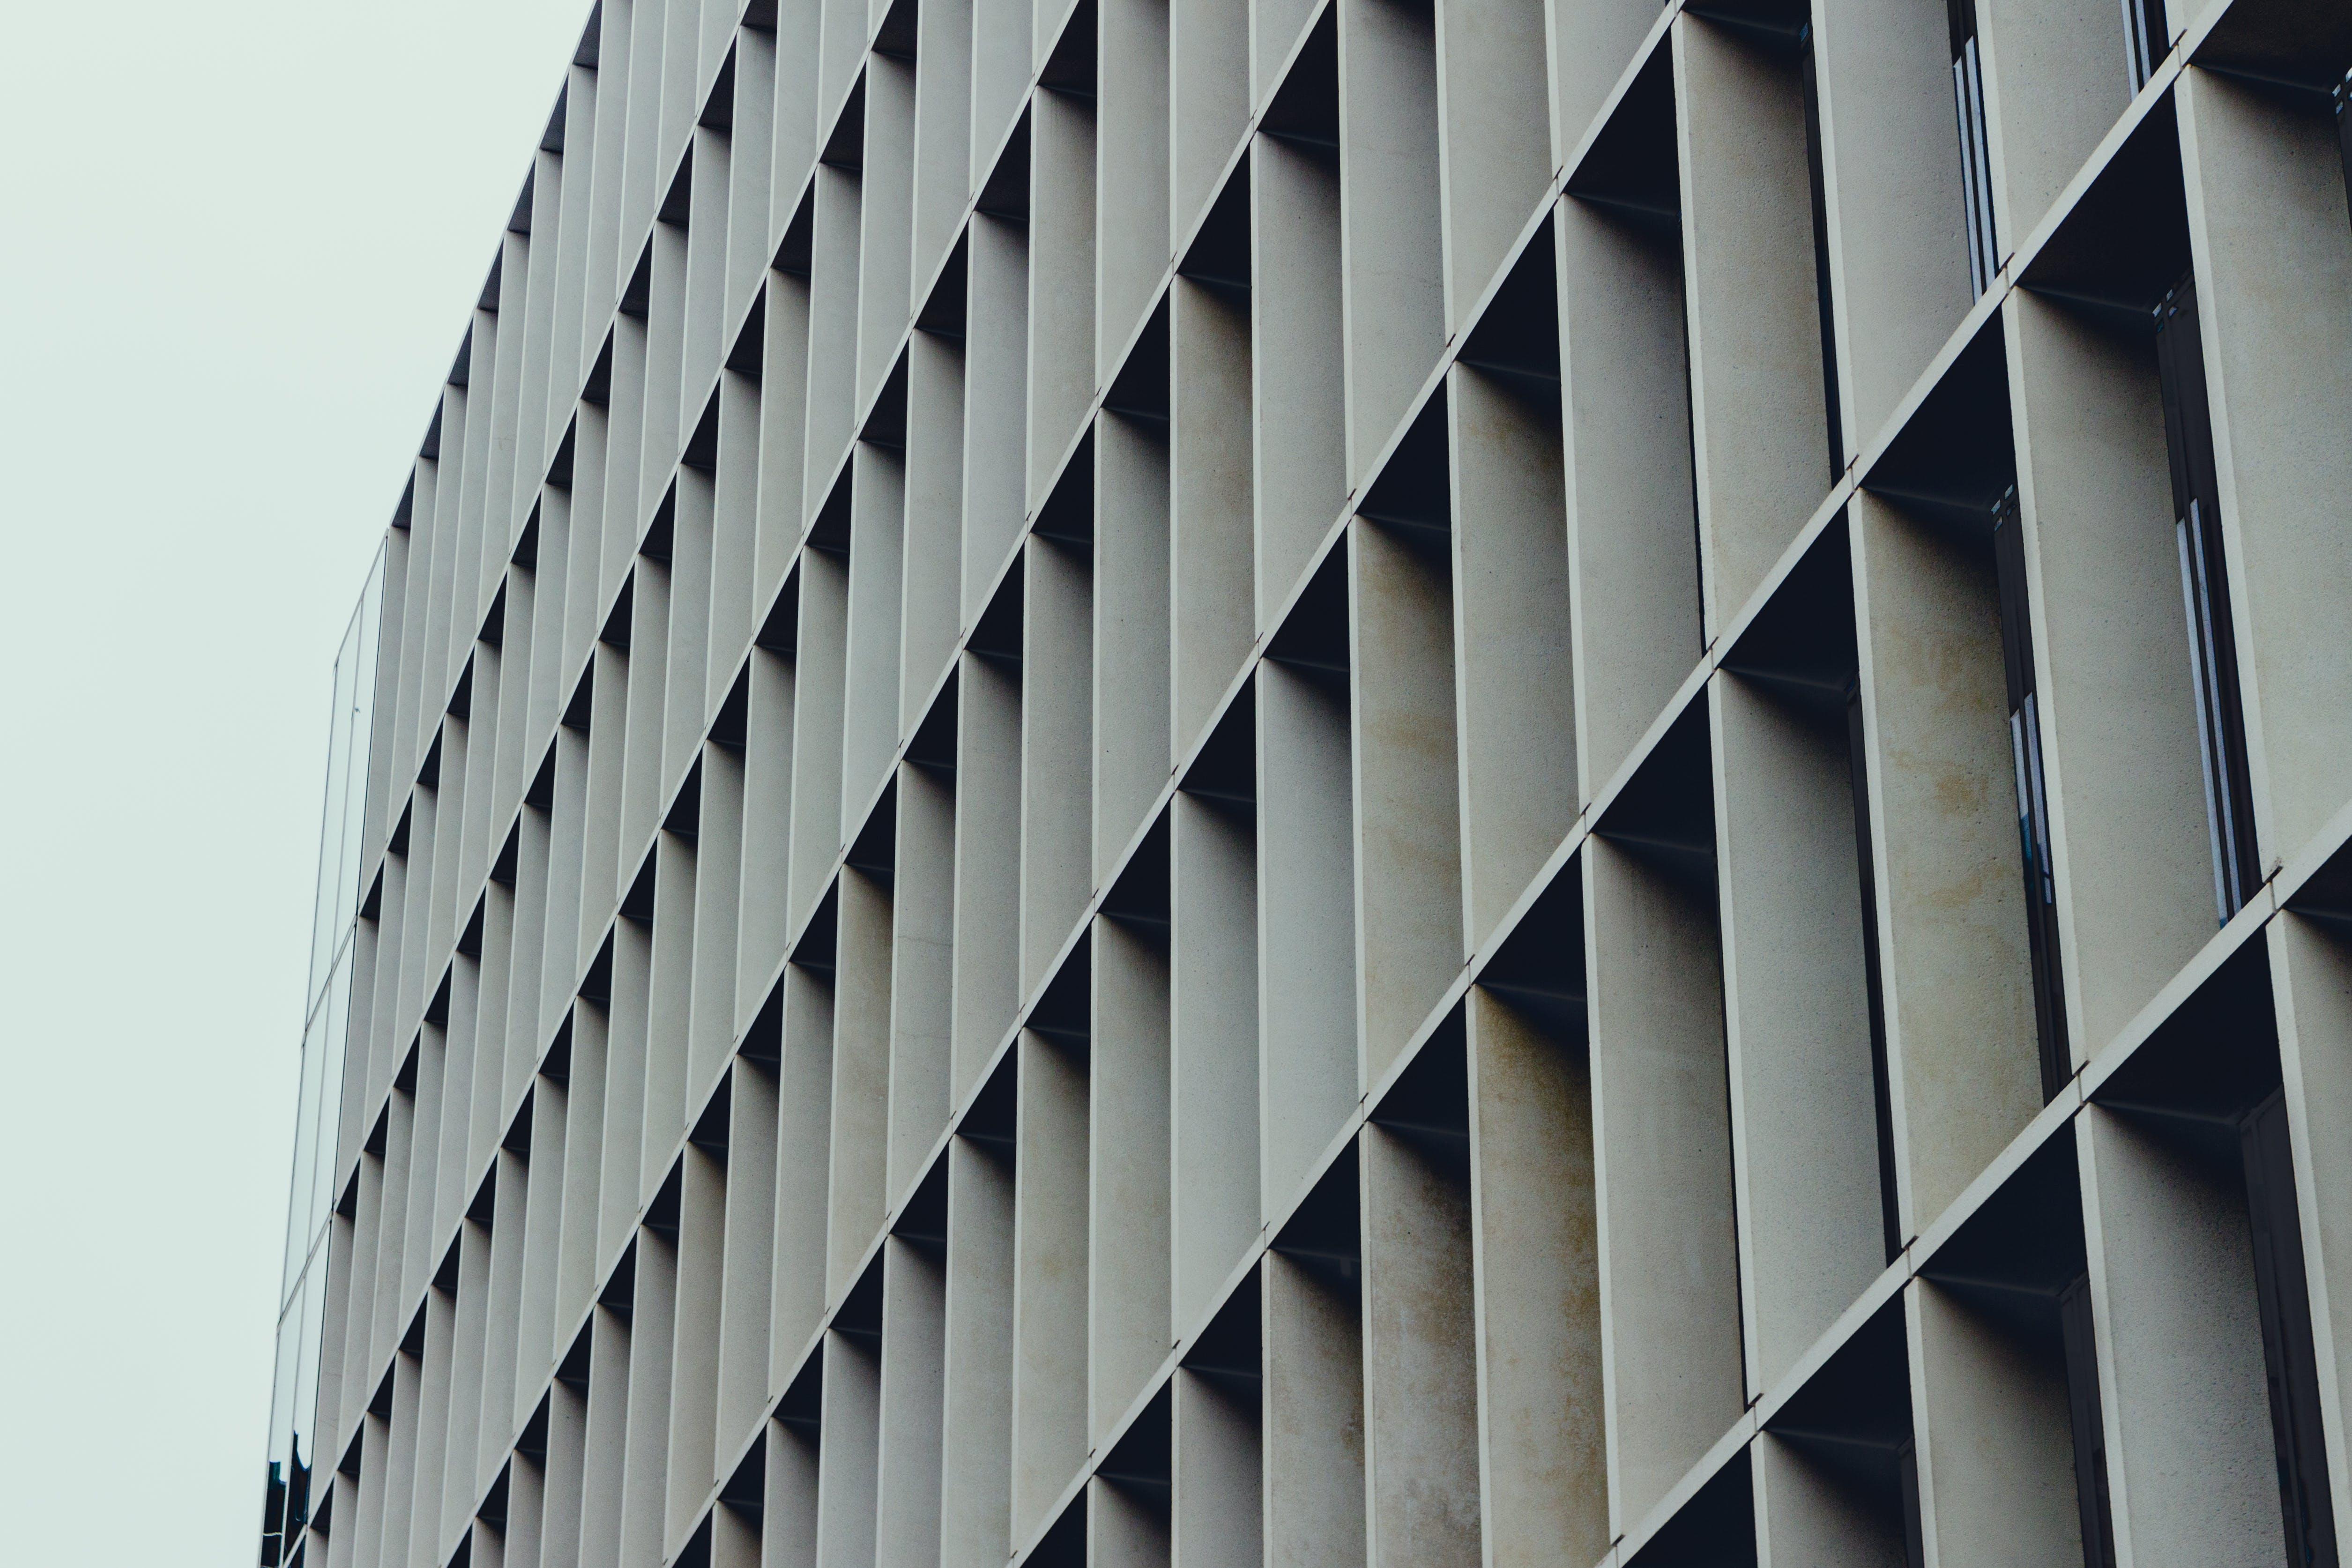 Gray Concrete Shelf